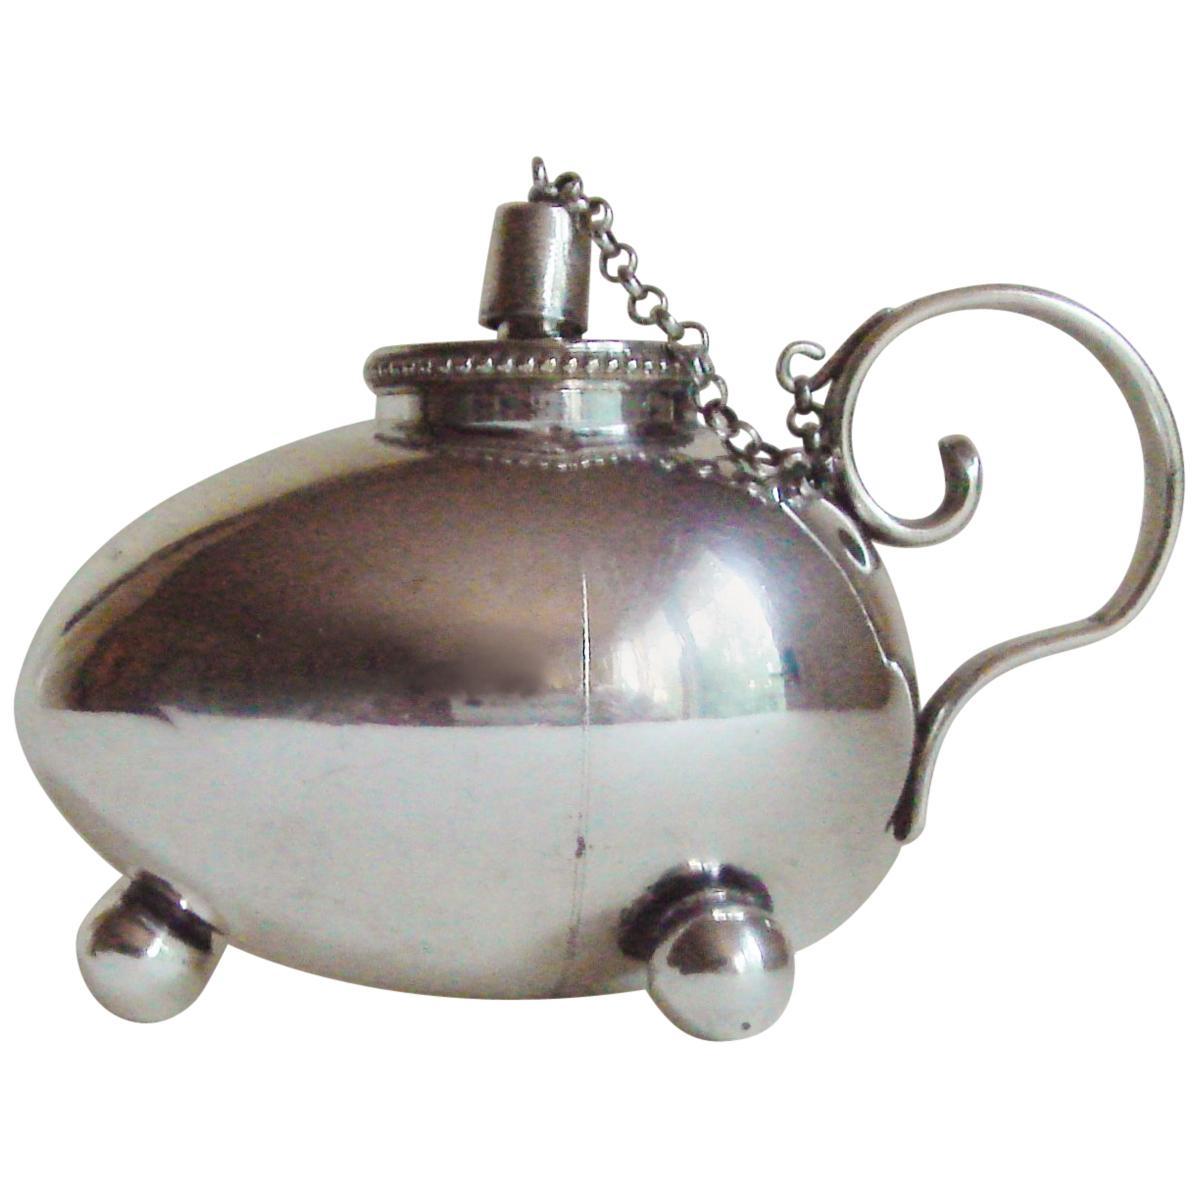 German Jugendstil Silver Plated, Ovoid Form, Oil Fired Cigar Lighter by WMF